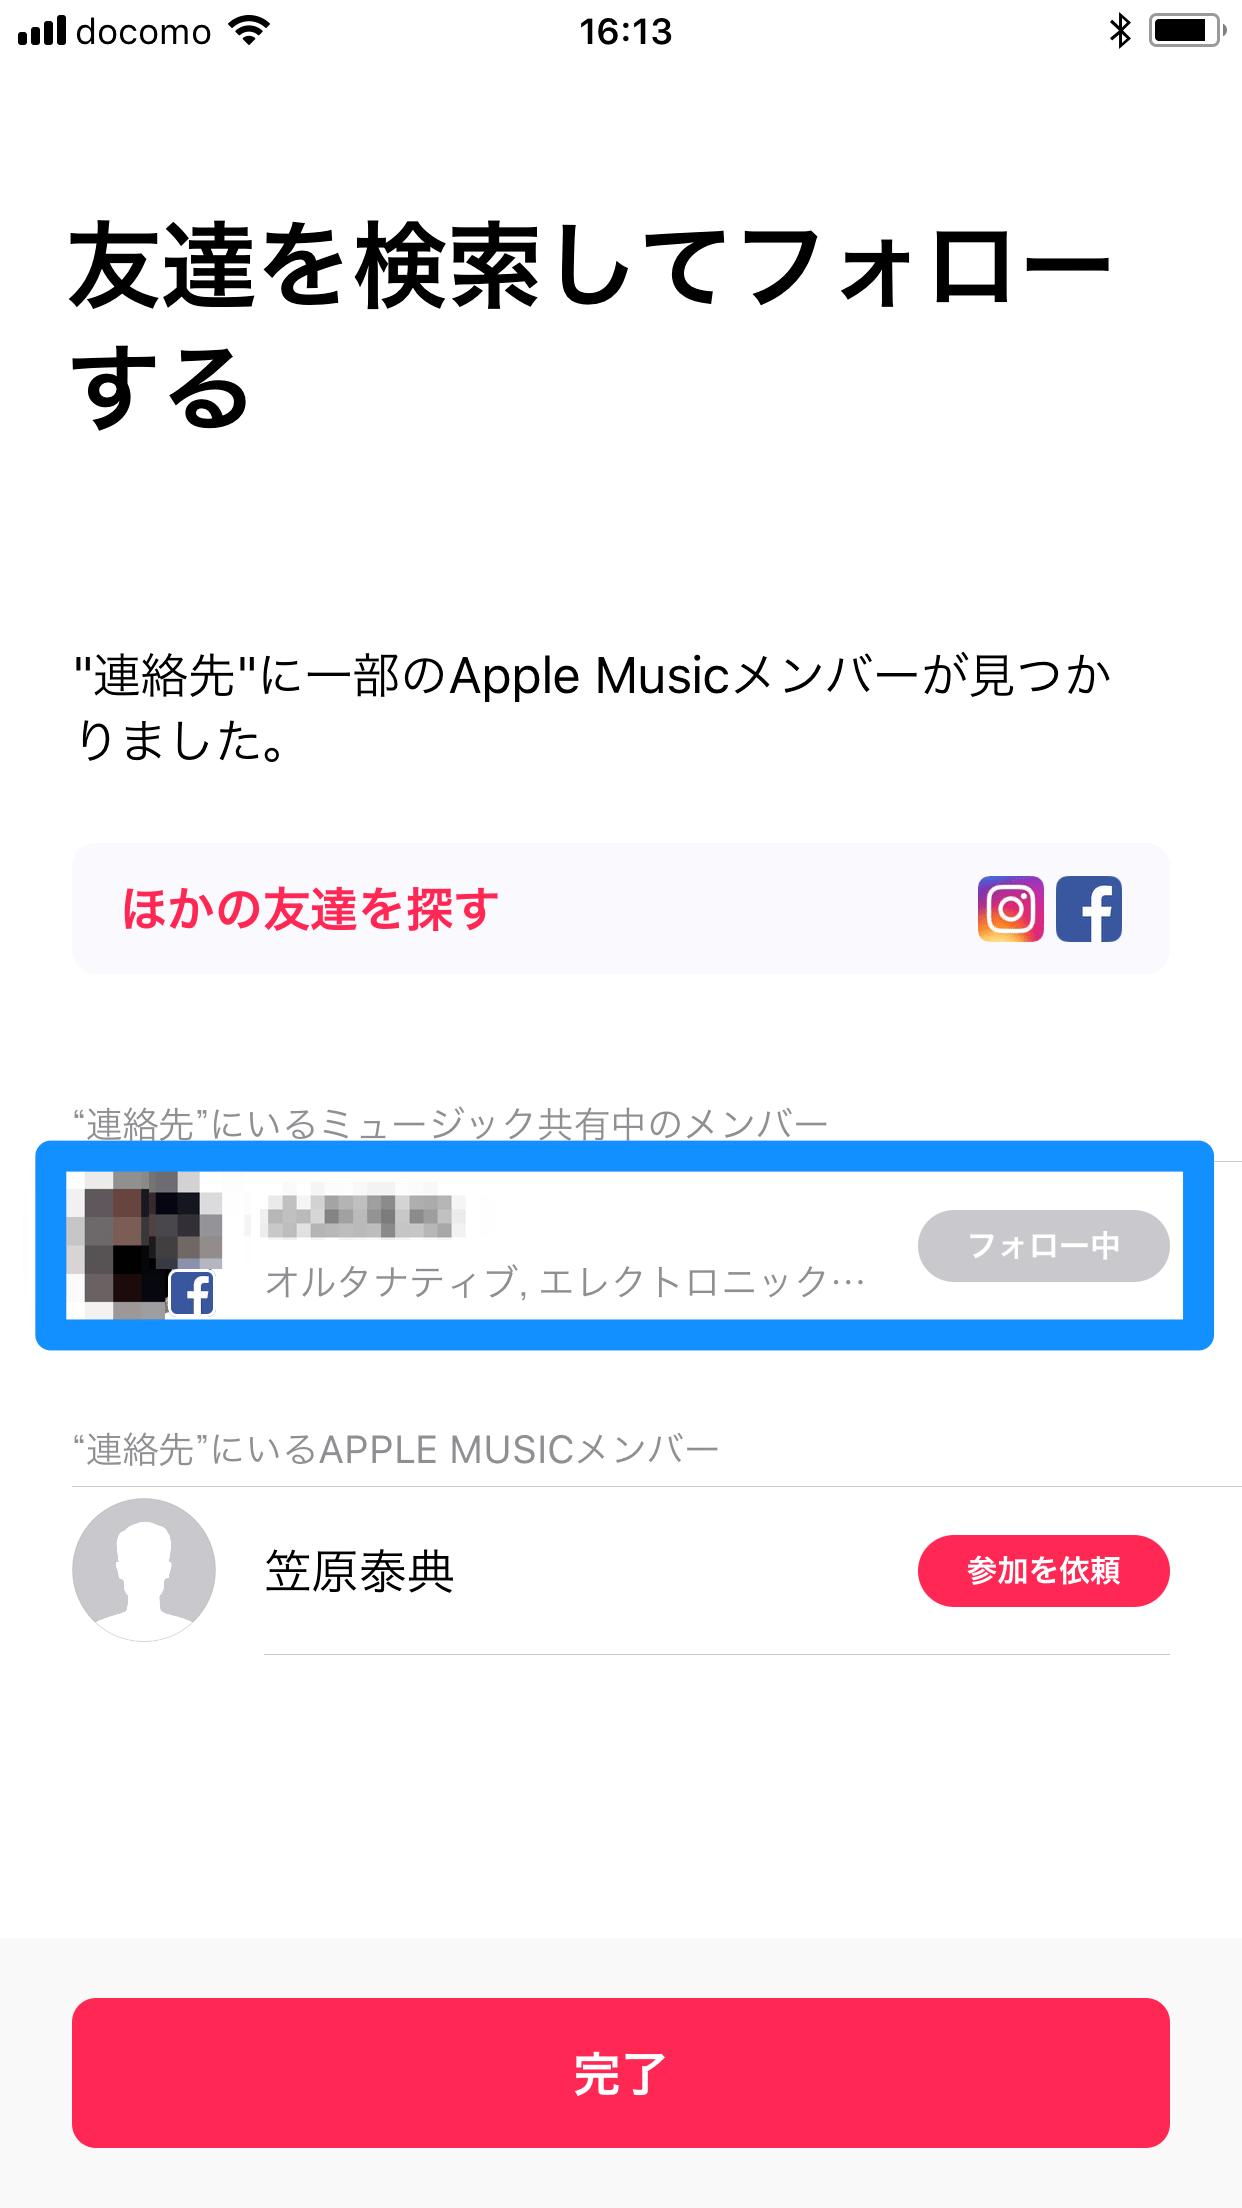 iOS 11/iPhone 8:Apple Musicの共有(友達のフォロー)